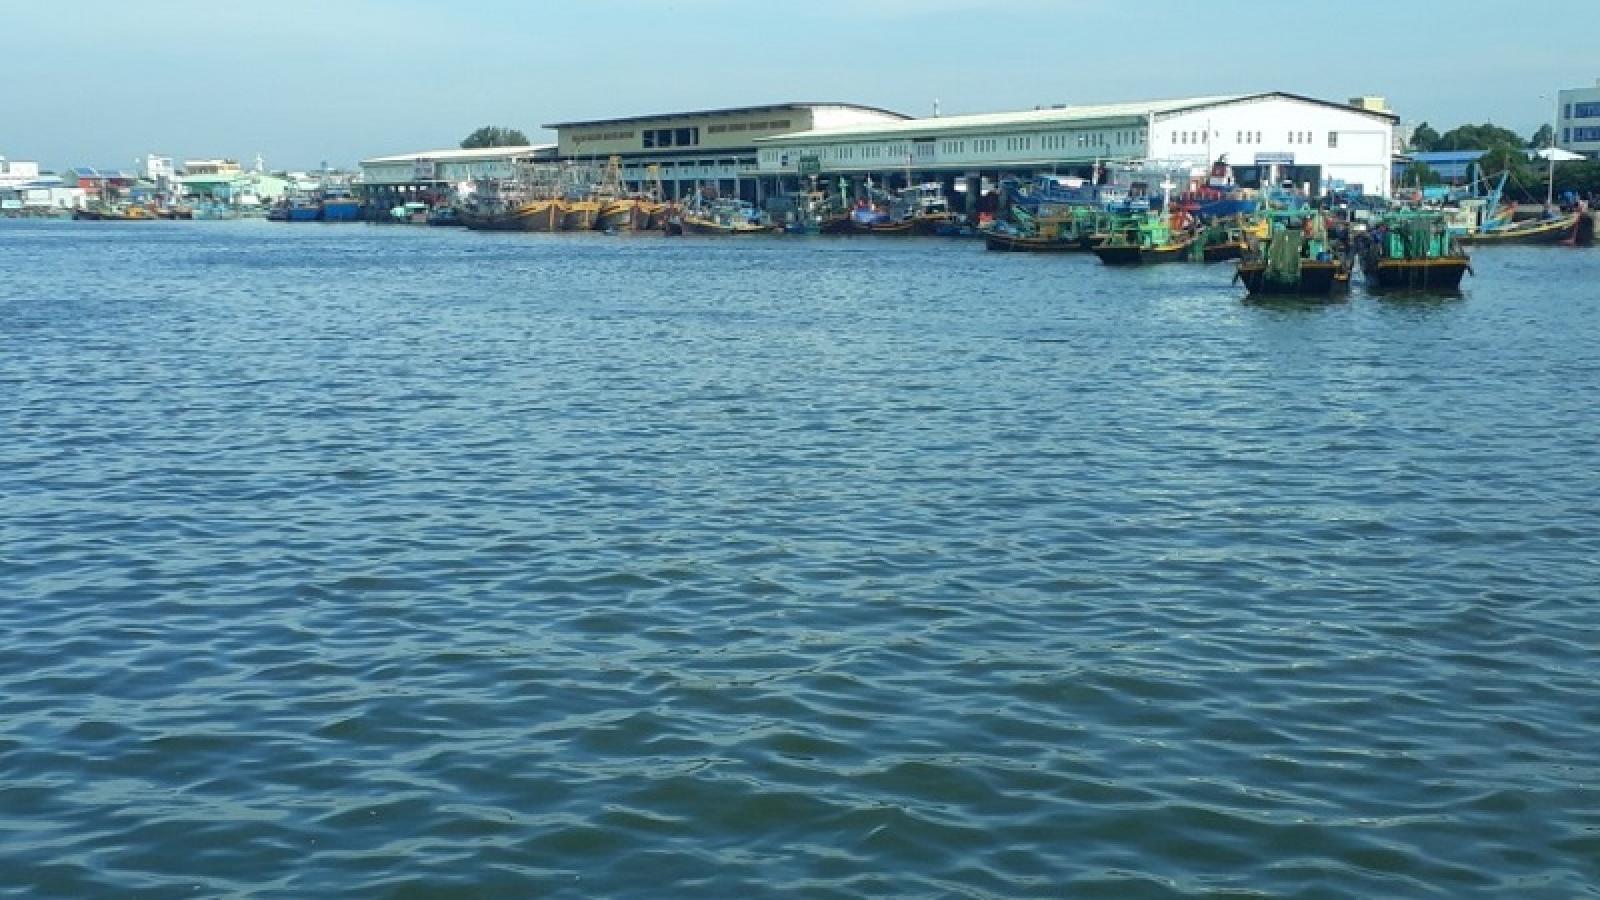 Chưa tìm thấy 2 người mất tích trong vụ chìm tàu ở Bình Thuận